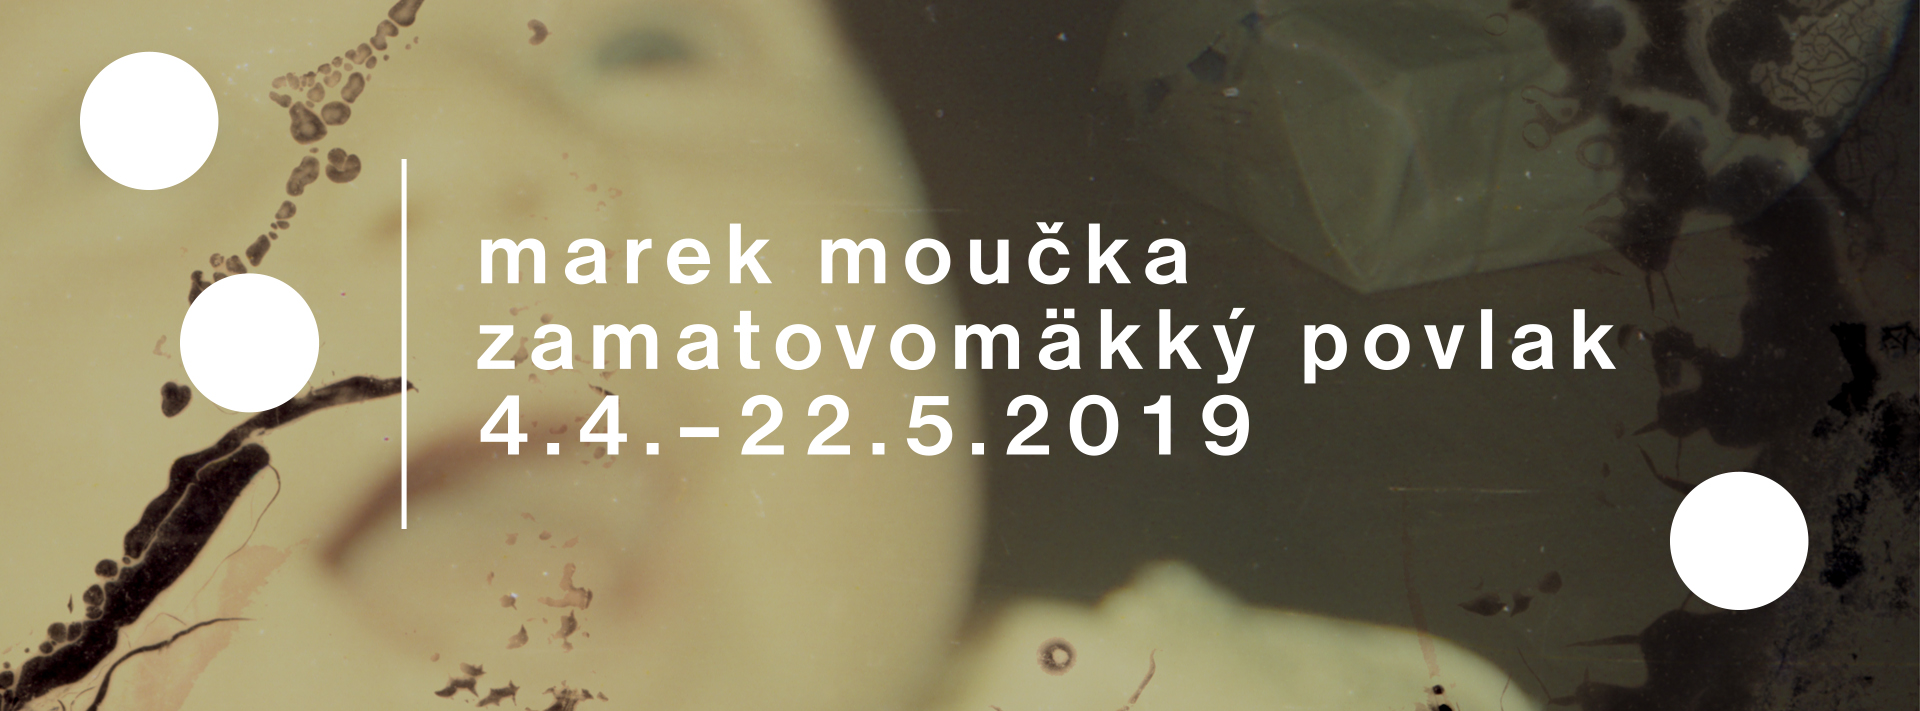 Marek Moučka – Zamatovomäkký povlak